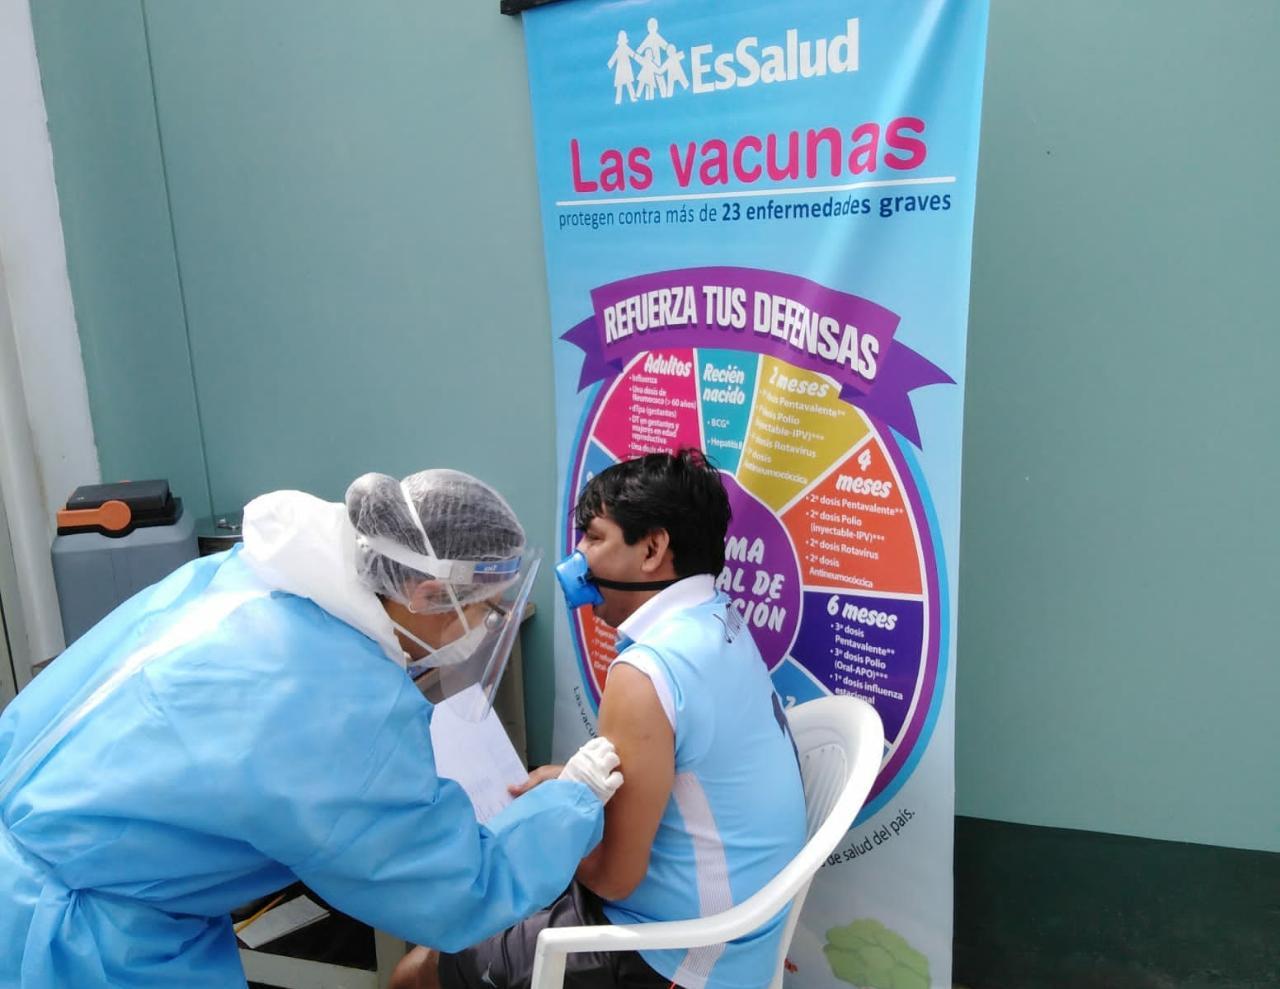 Essalud - EsSalud La Libertad administró 6 mil vacunas contra la difteria, durante el fin de semana